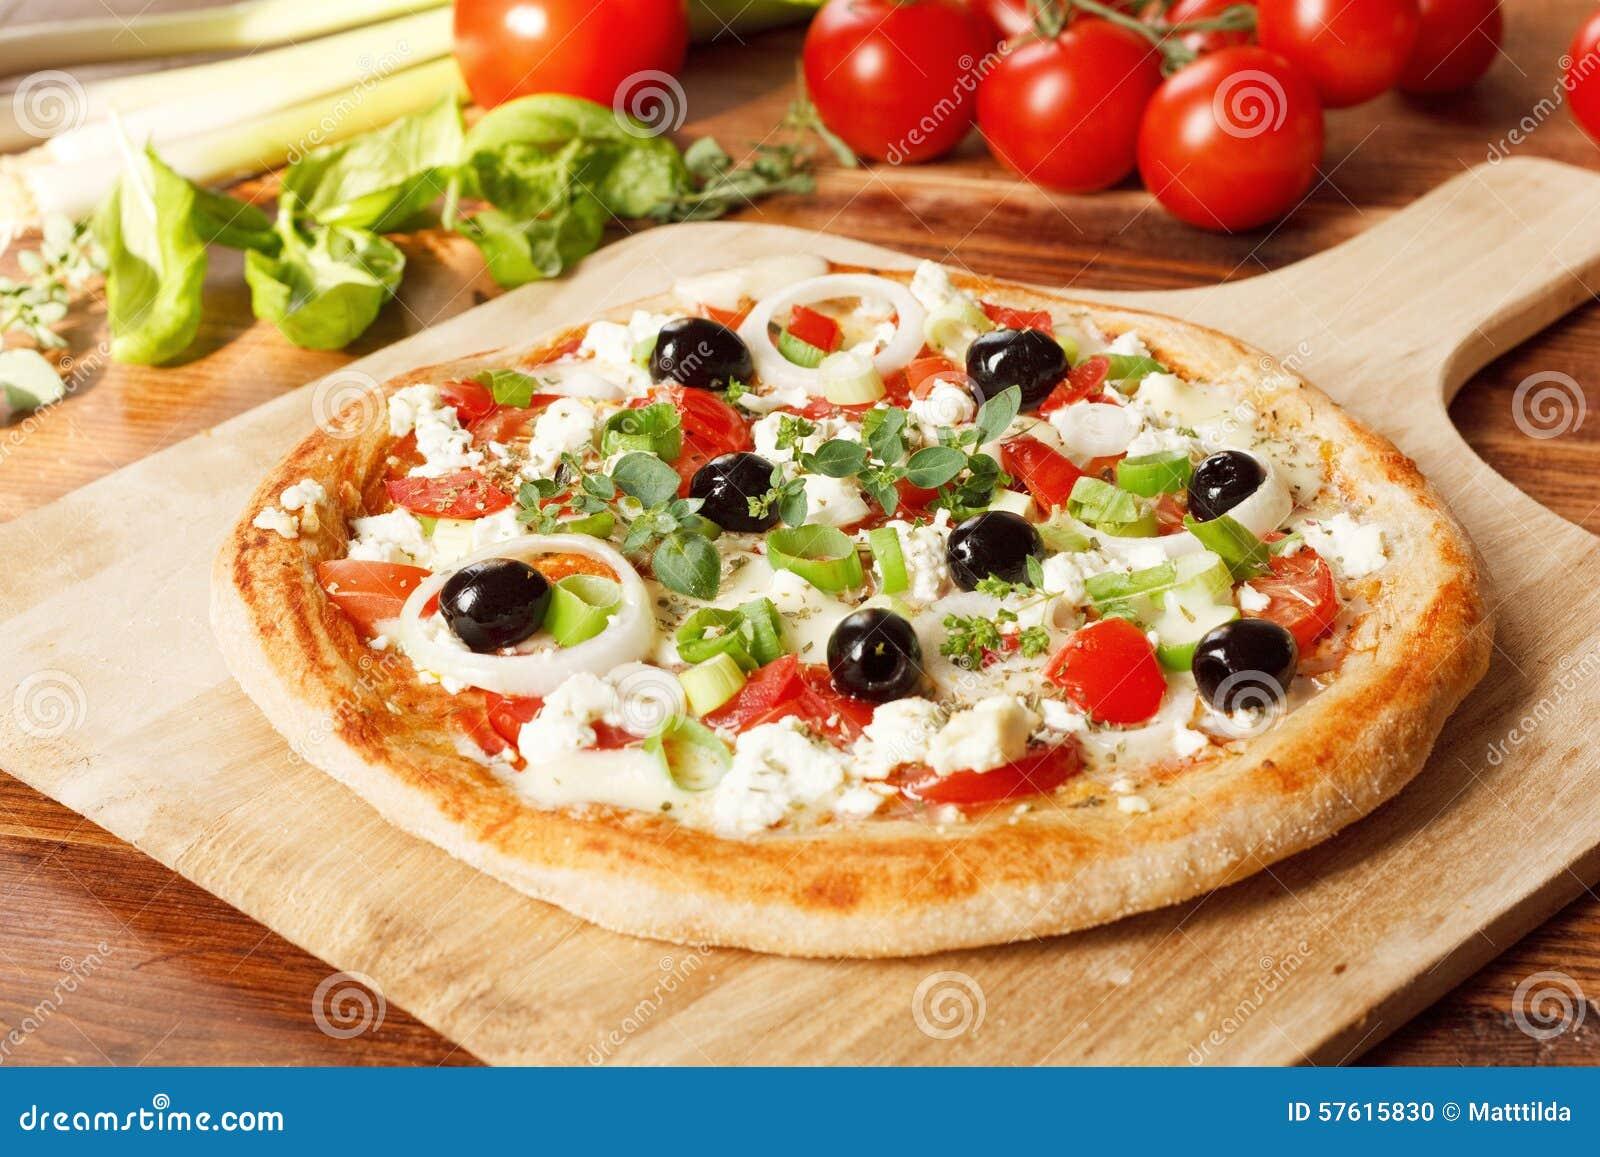 Grekisk pizzastil